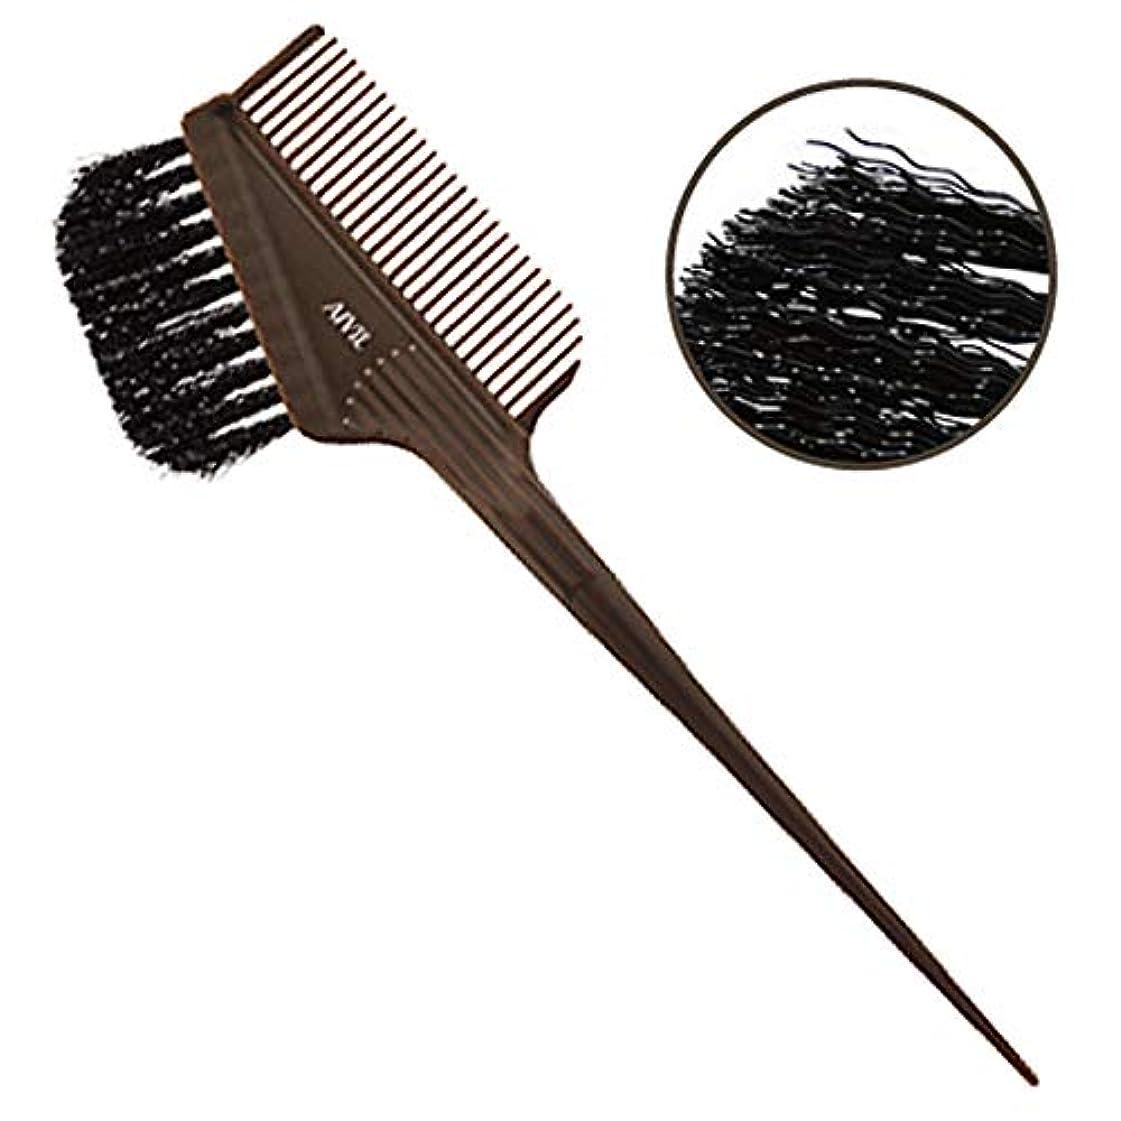 シェルター講義構造アイビル ヘアダイブラシ バトン ブラウン ウェーブ毛 刷毛/カラー剤/毛染めブラシ AIVIL